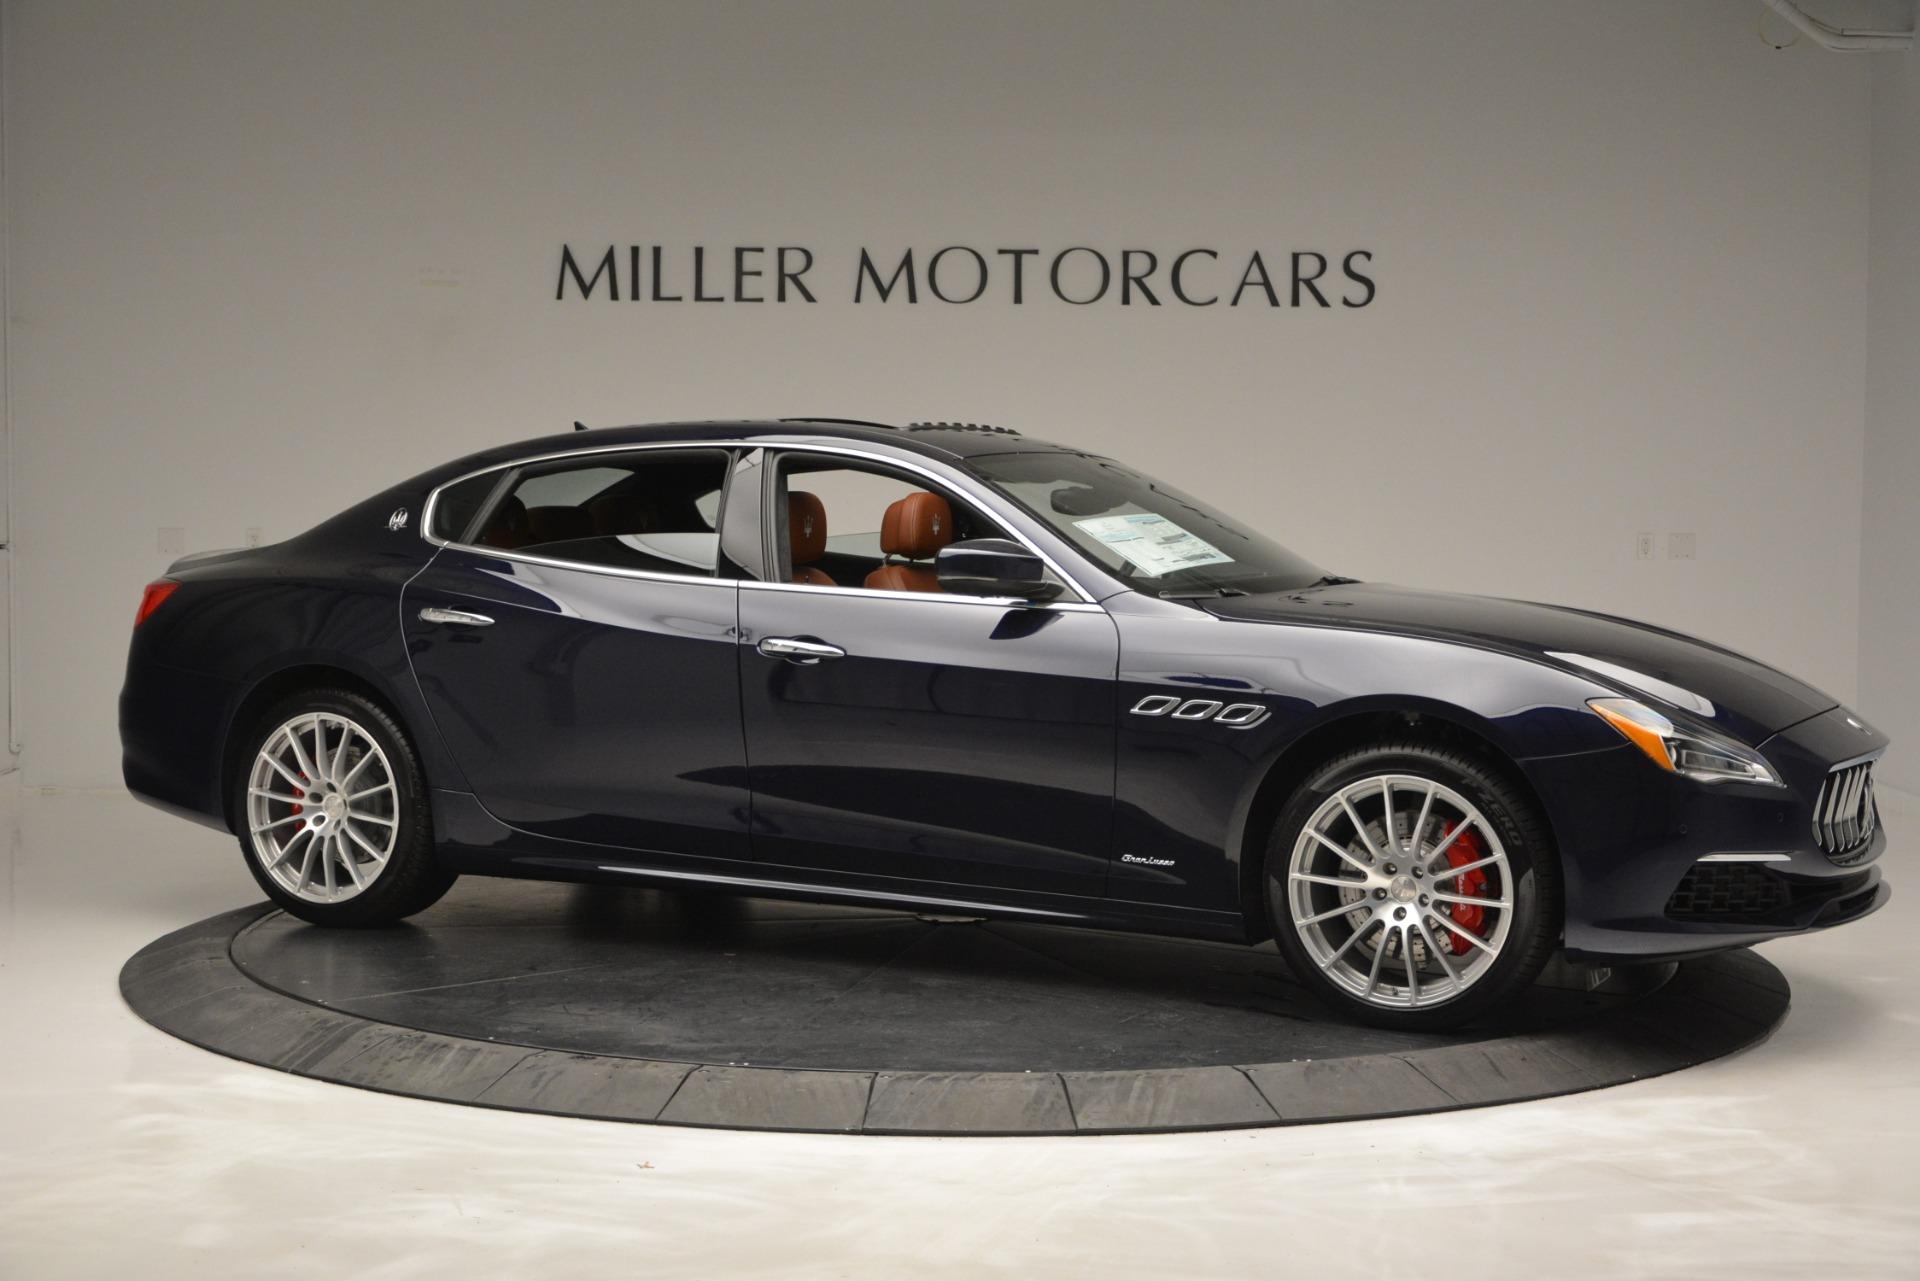 New 2019 Maserati Quattroporte S Q4 GranLusso For Sale In Westport, CT 2620_p10